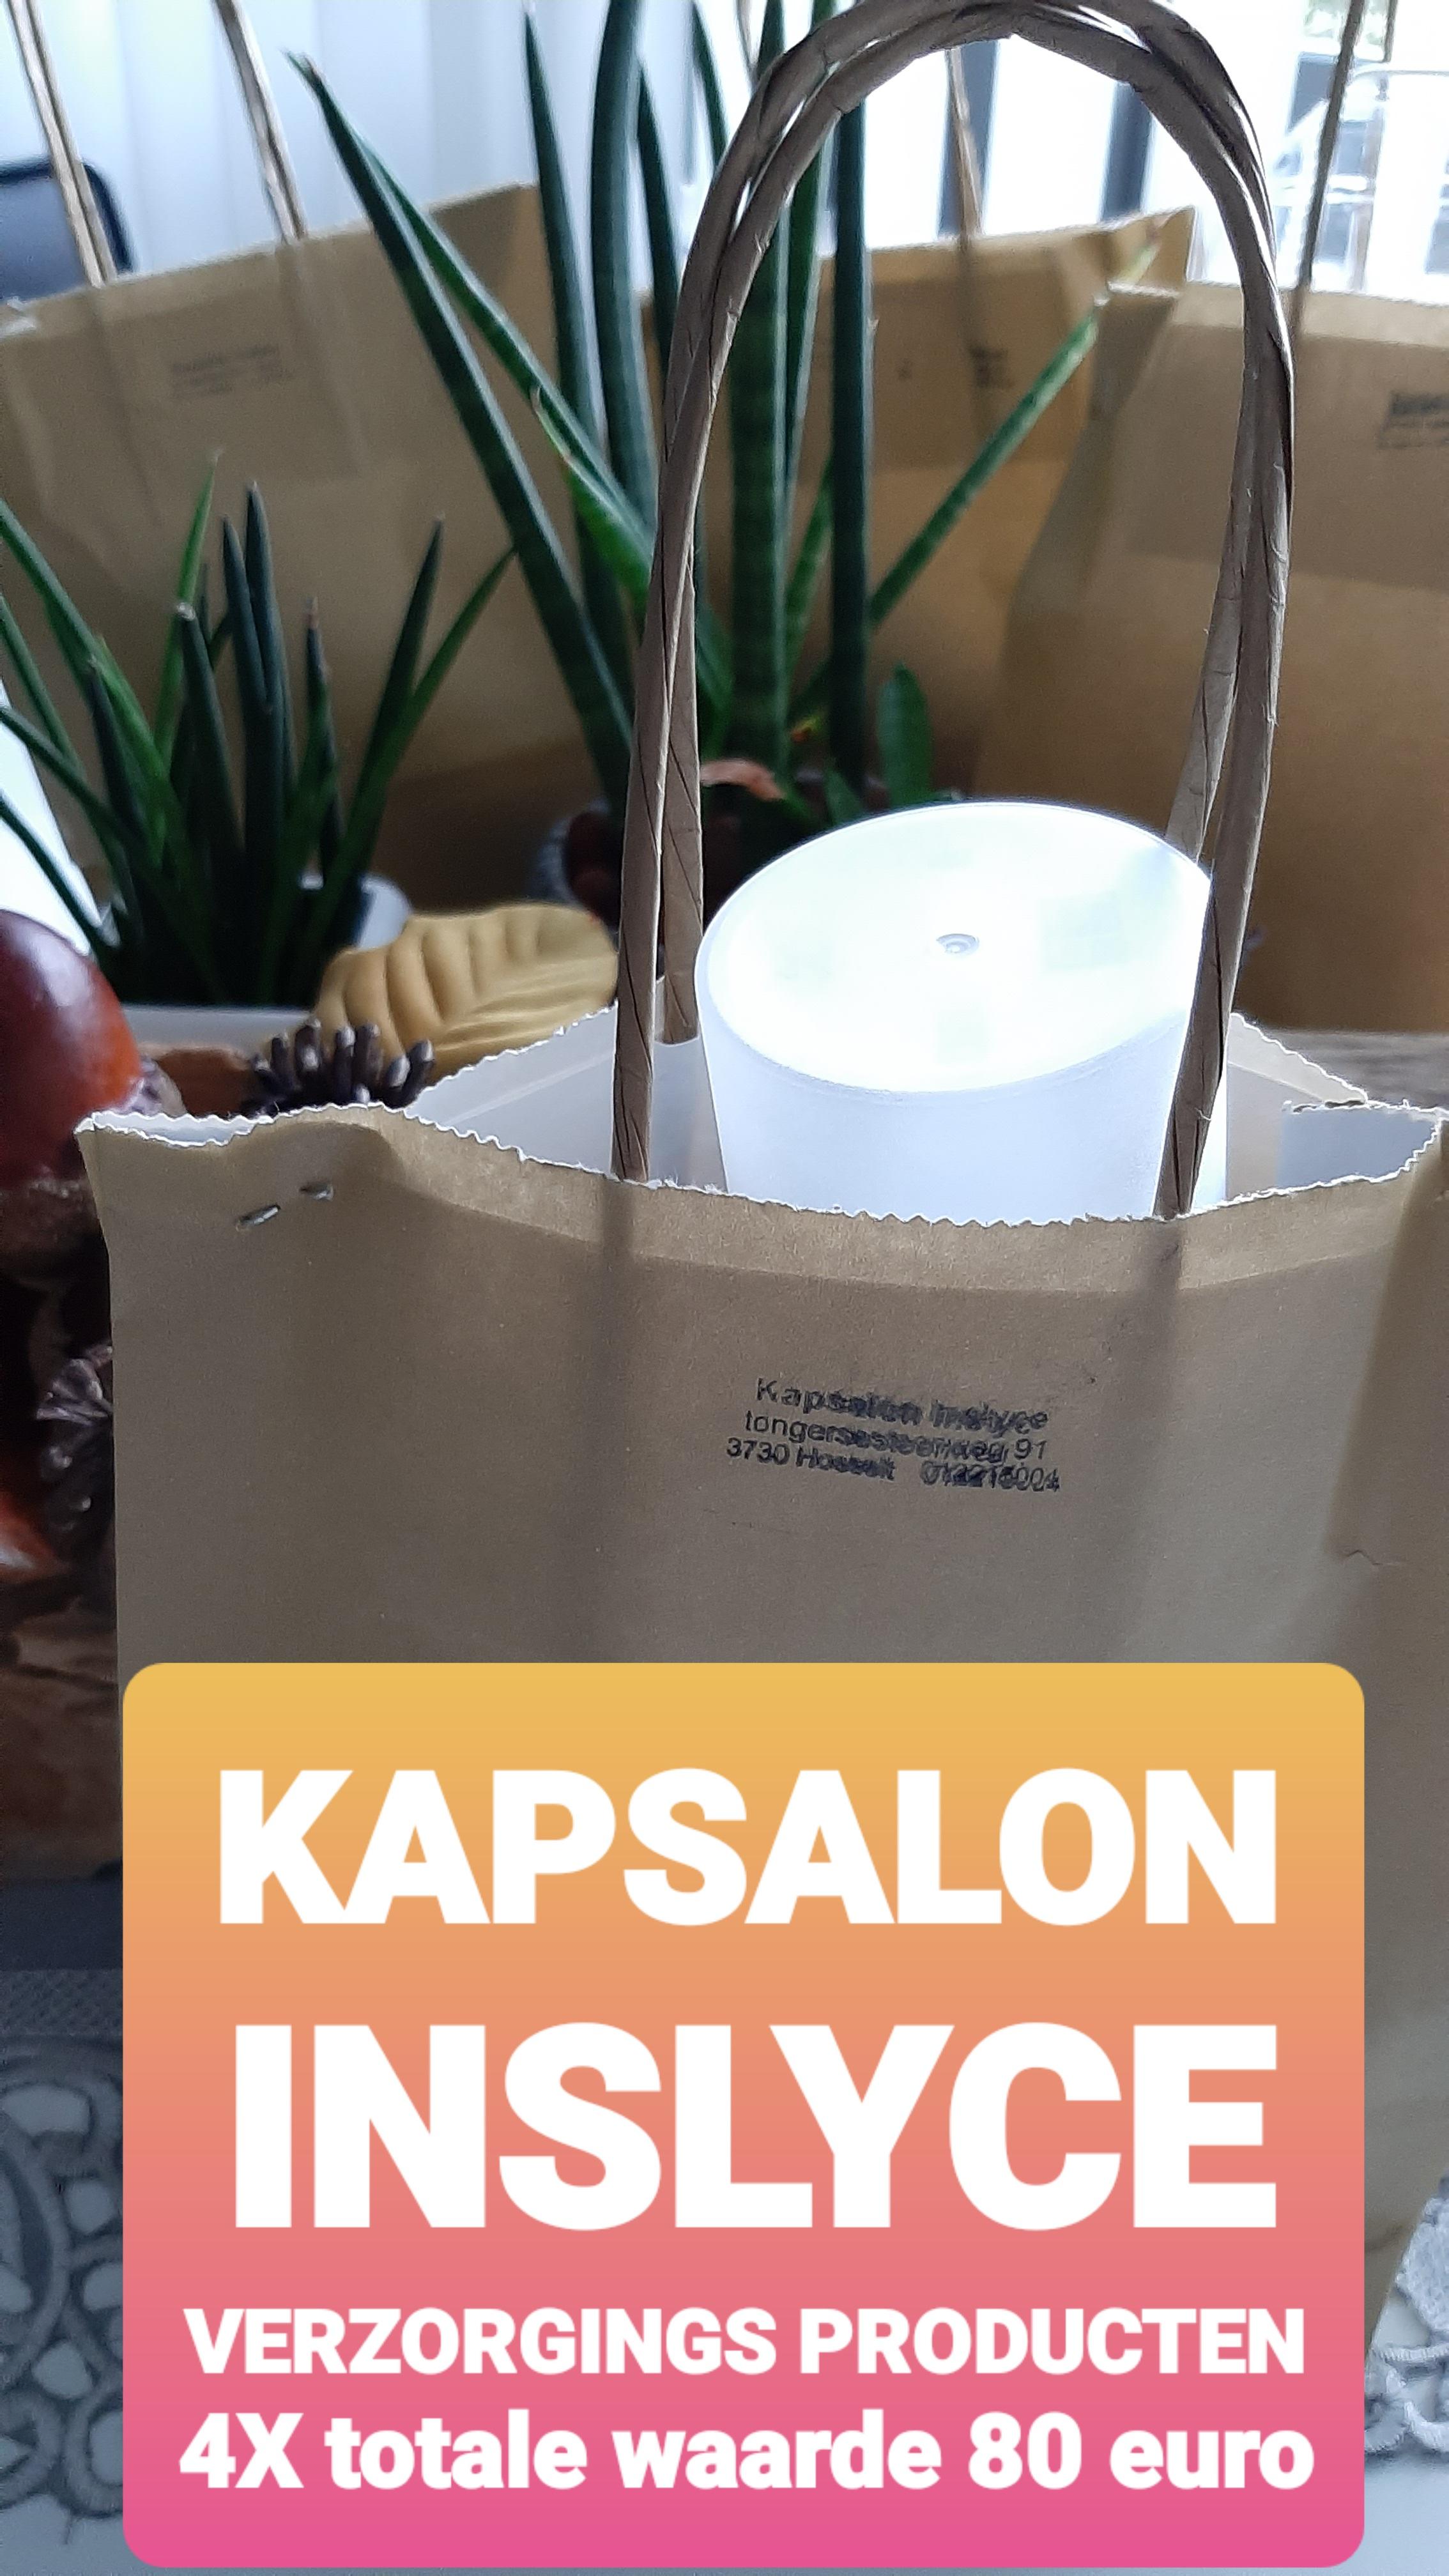 Kapsalon Inslyce